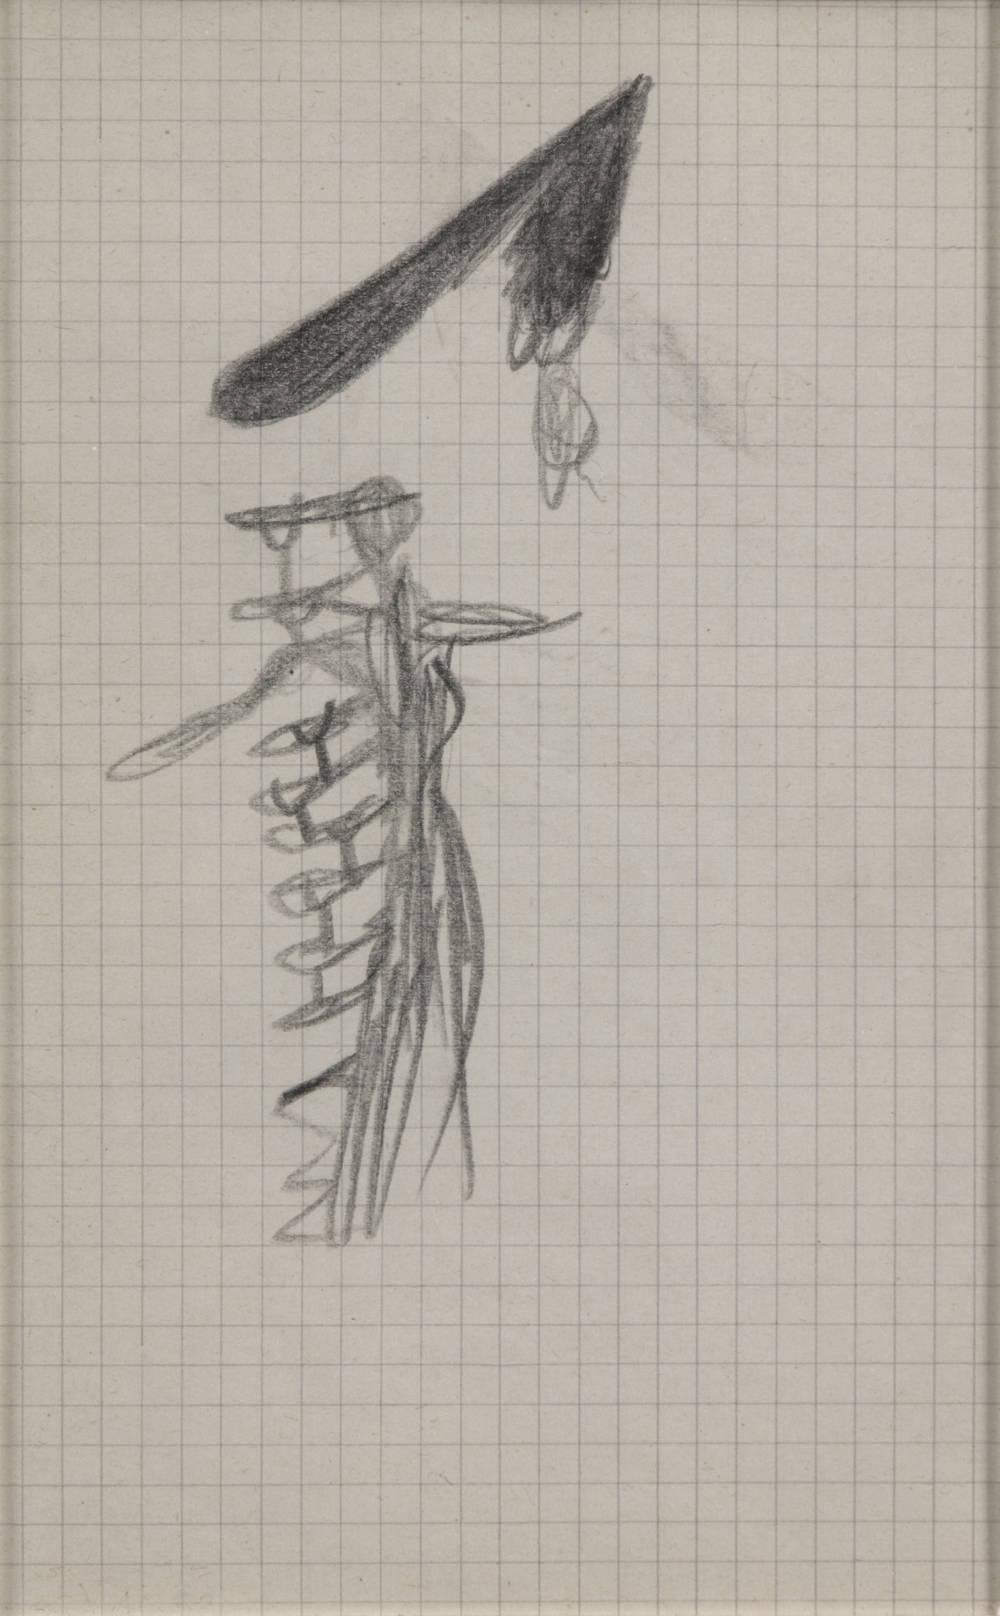 Excroissances dorsales avec béquilles